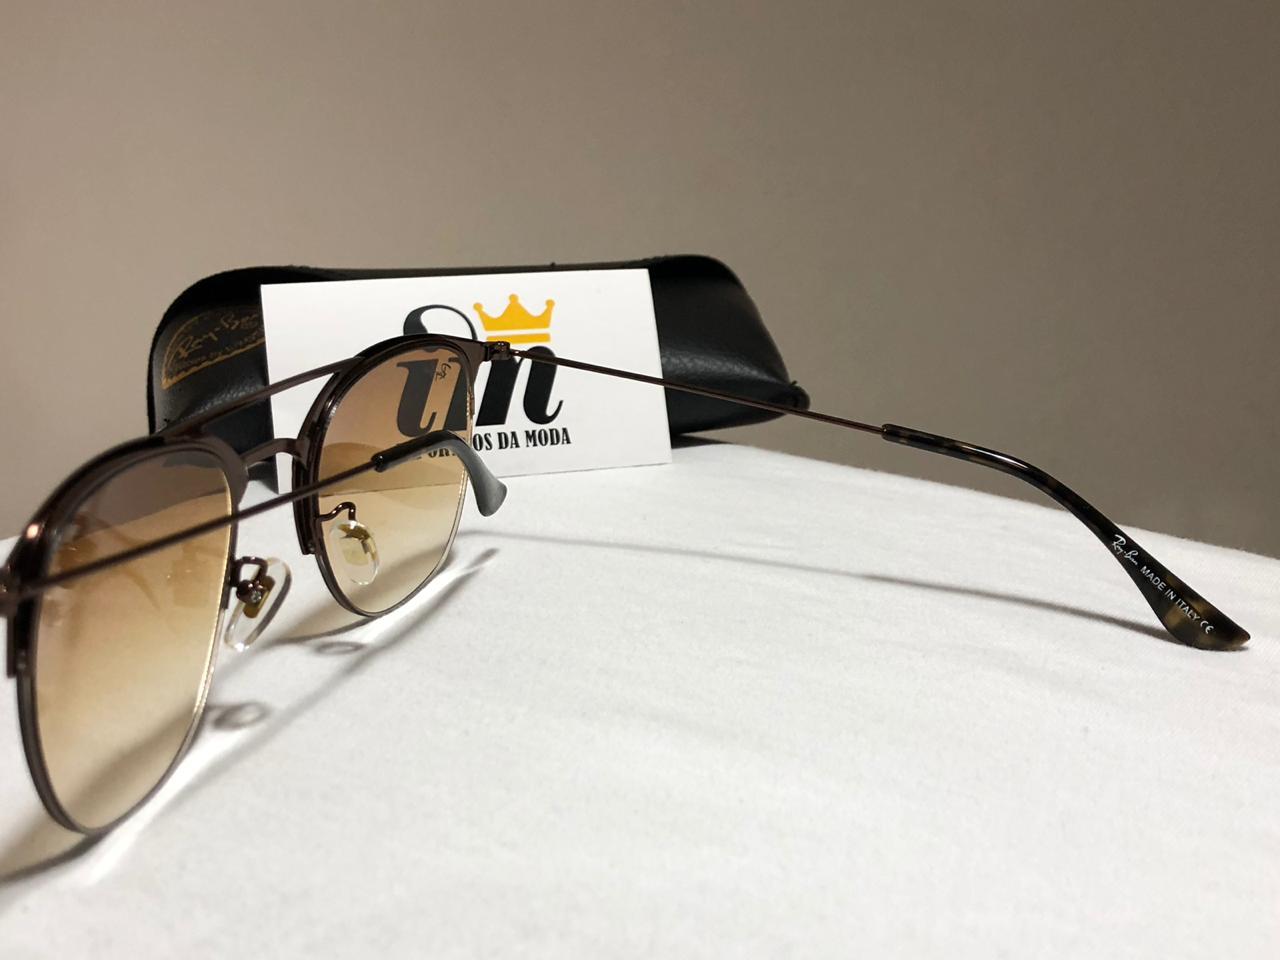 6b132db0e241e Oculos de Sol Primeira Linha - Importados da Moda - Moda e Acessórios